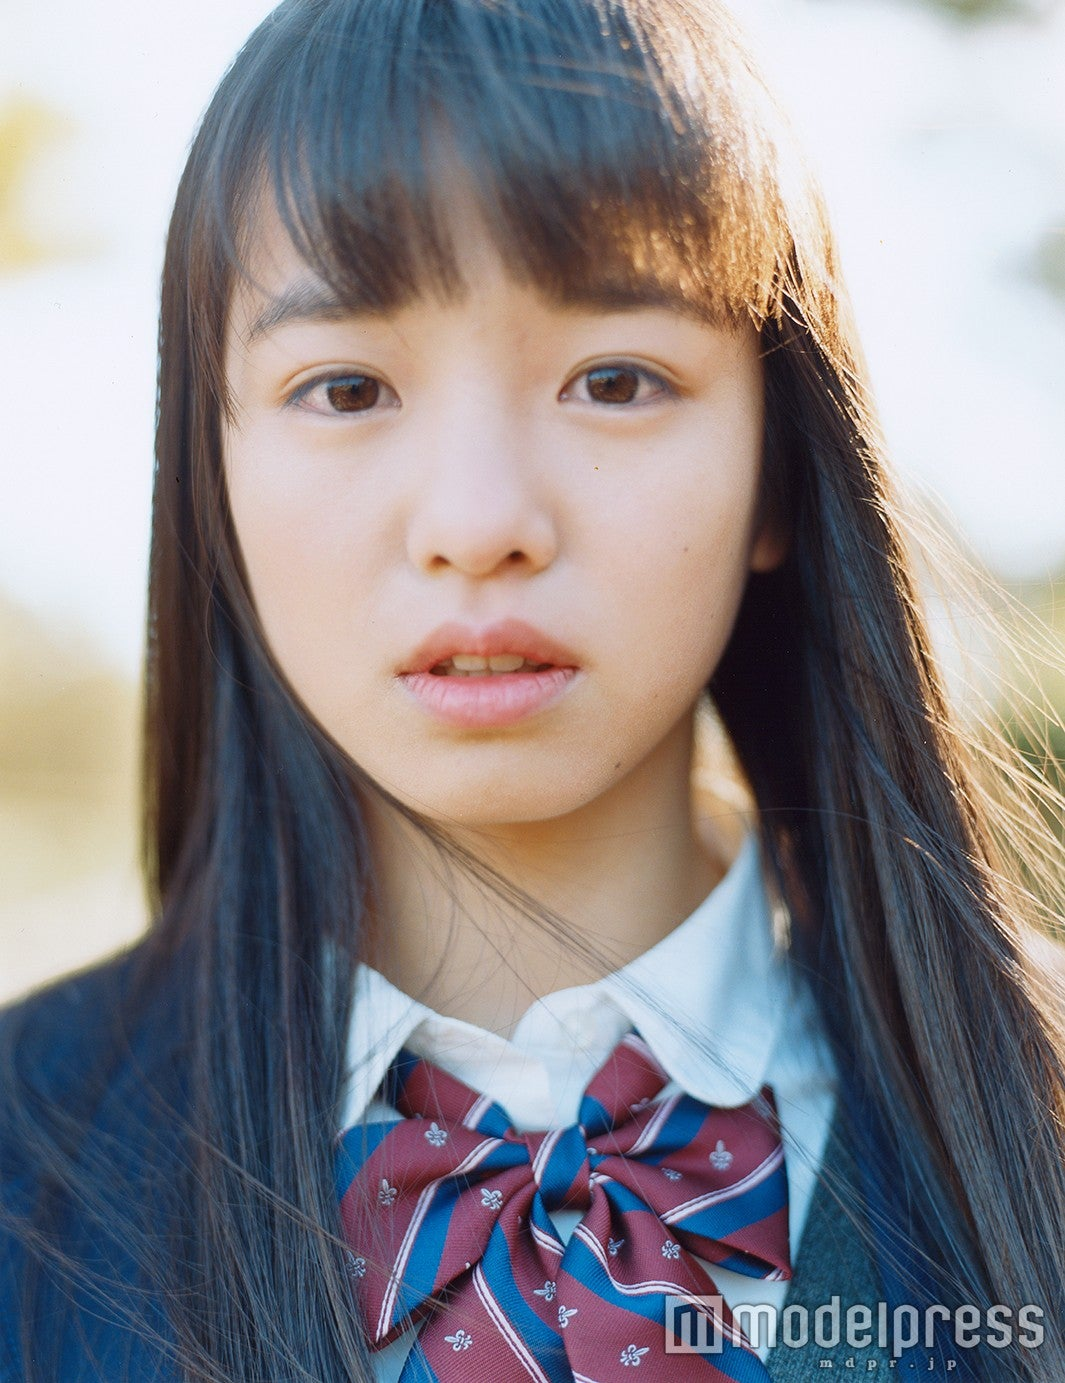 雑誌「Seventeen」専属モデルの横田真悠(画像提供:所属事務所